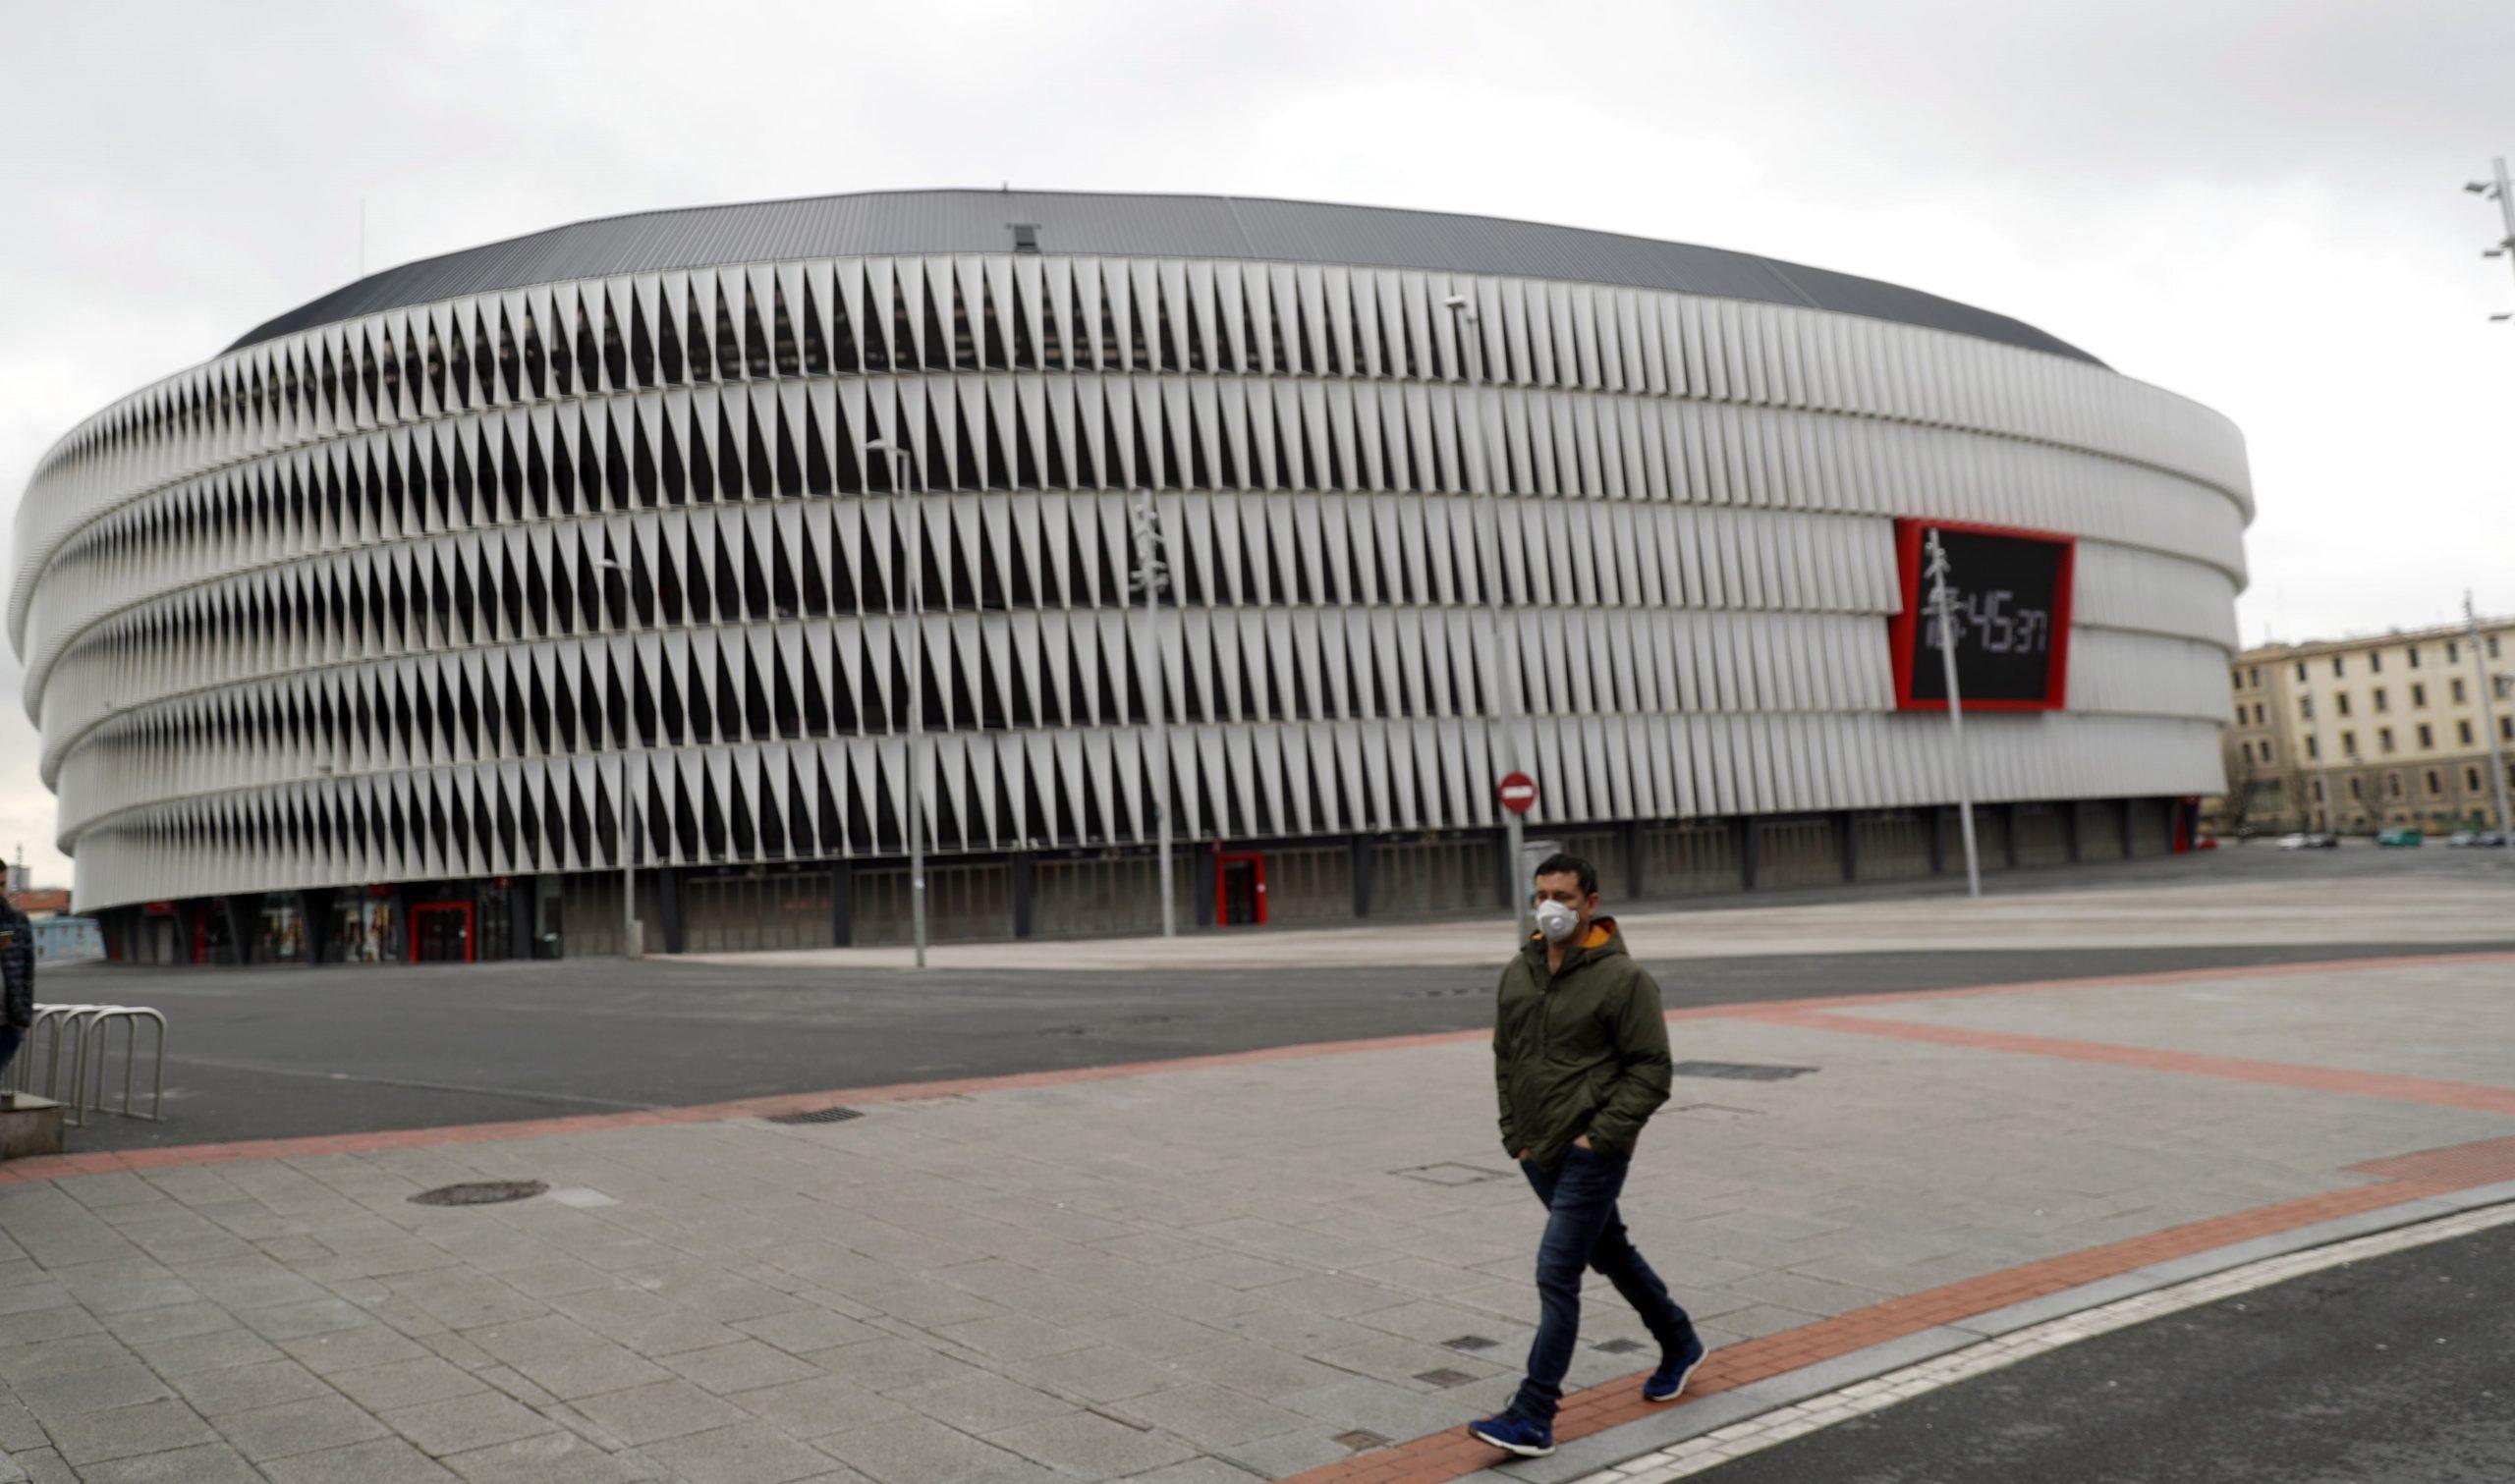 La crisis del COVID19: ¿Una oportunidad para reformar el fútbol?